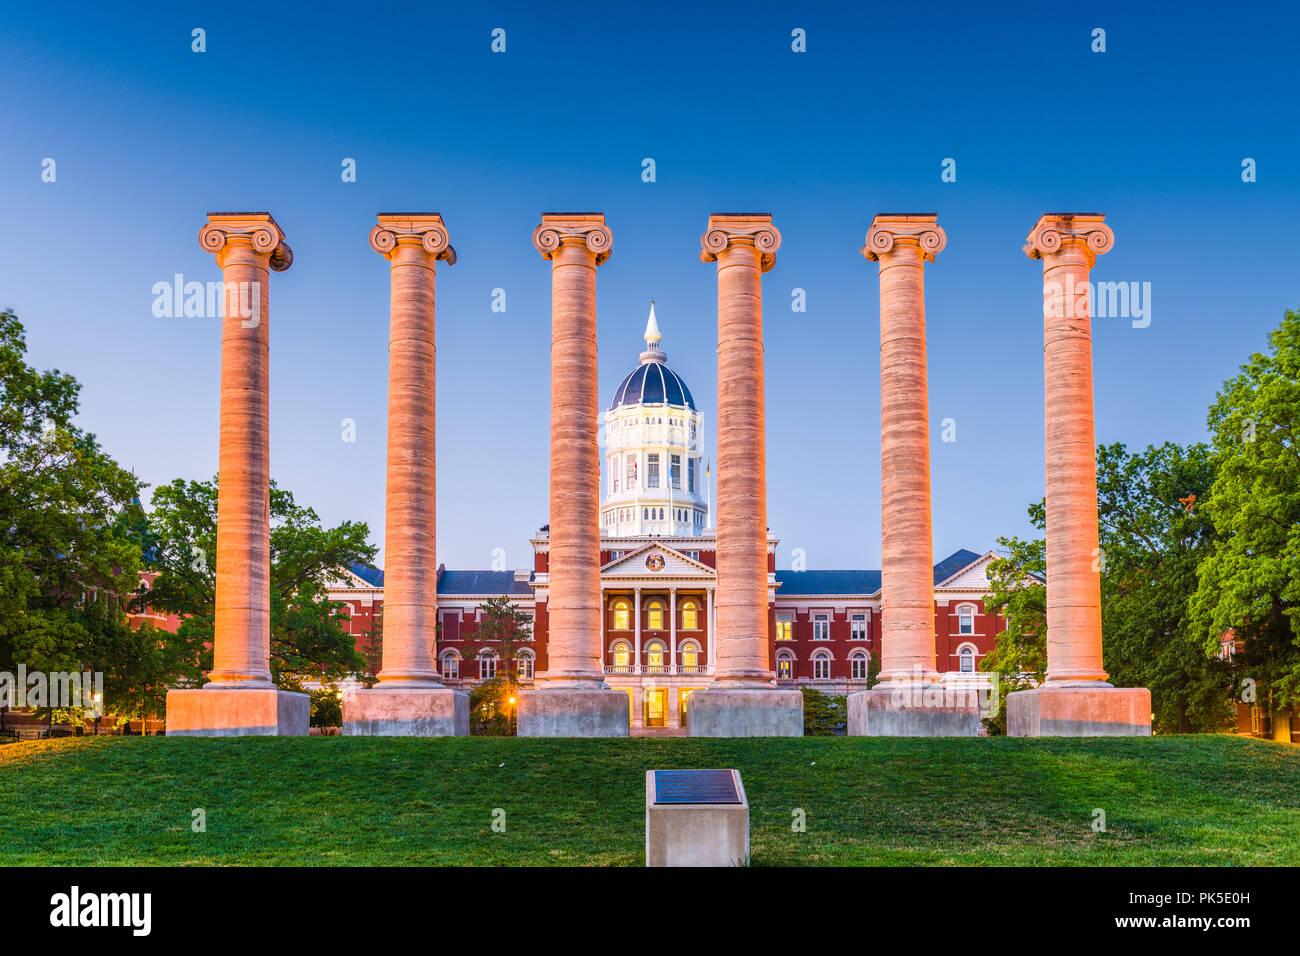 La Columbia, Missouri, Stati Uniti d'America presso l'Università del Missouri. Immagini Stock